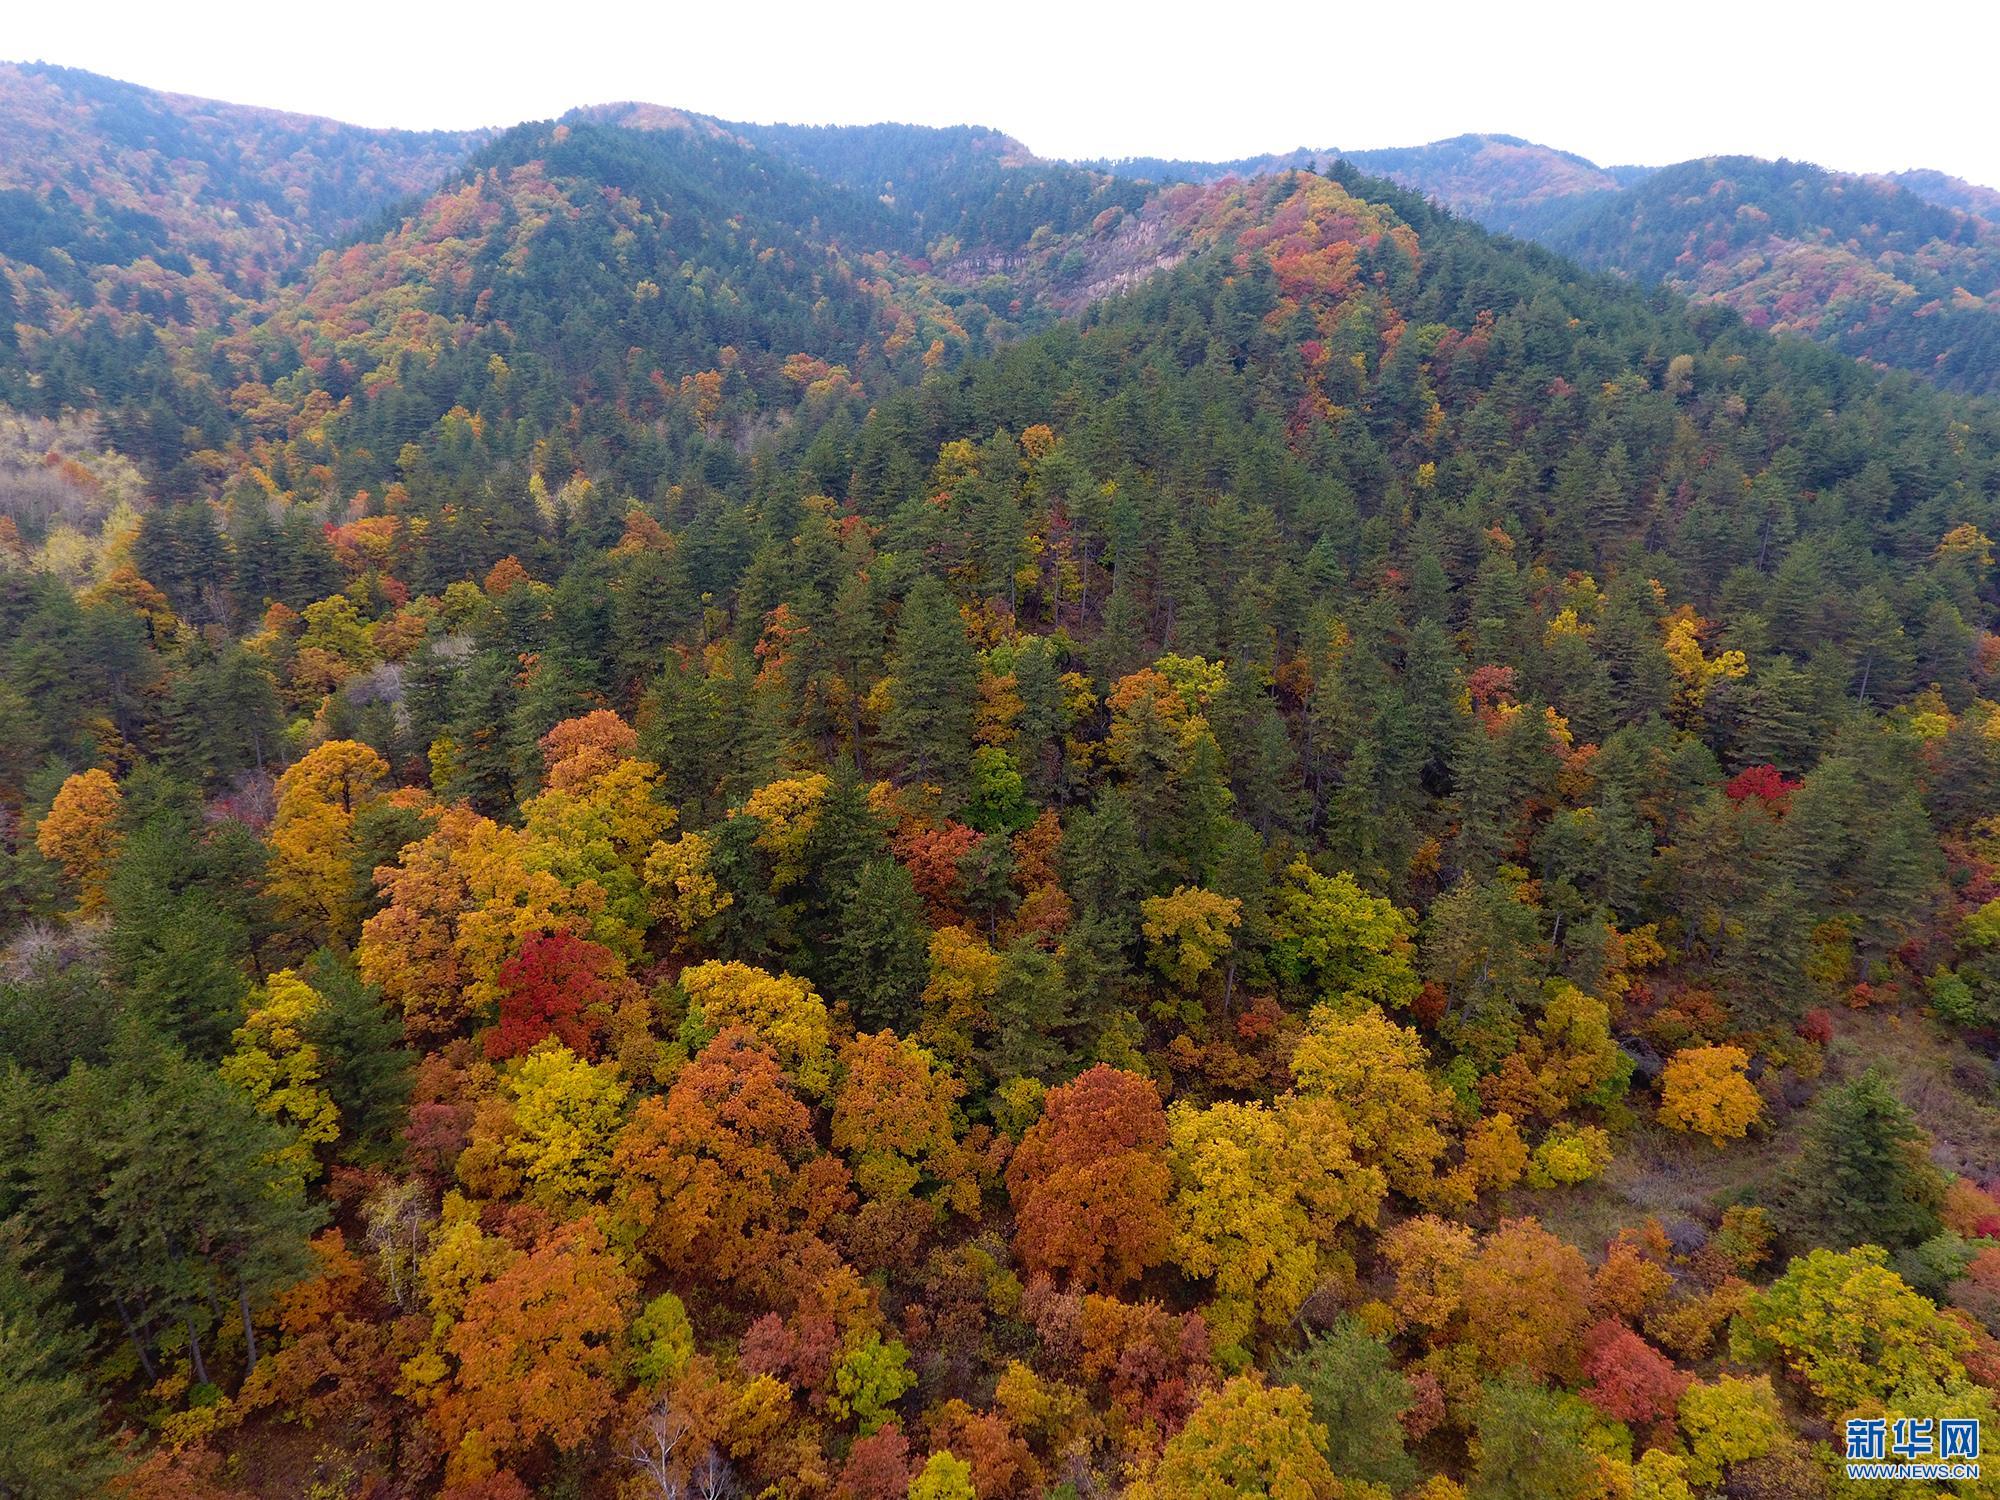 航拍苍儿会,感受色彩斑斓的秋